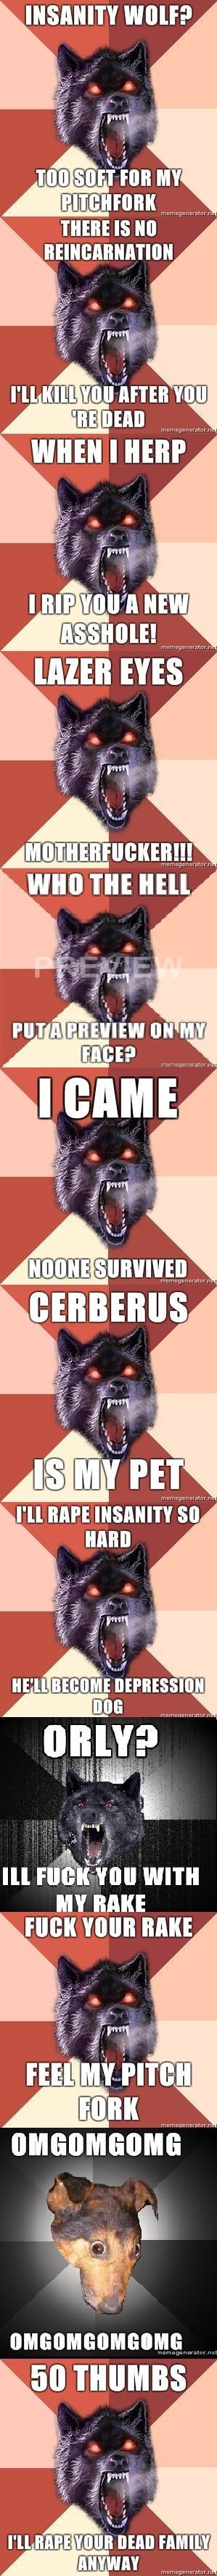 Hellhound MEME. Part 3:. Insanity Wolf > Hellhound hellhound Hell hound meme Pitchfork thefazr